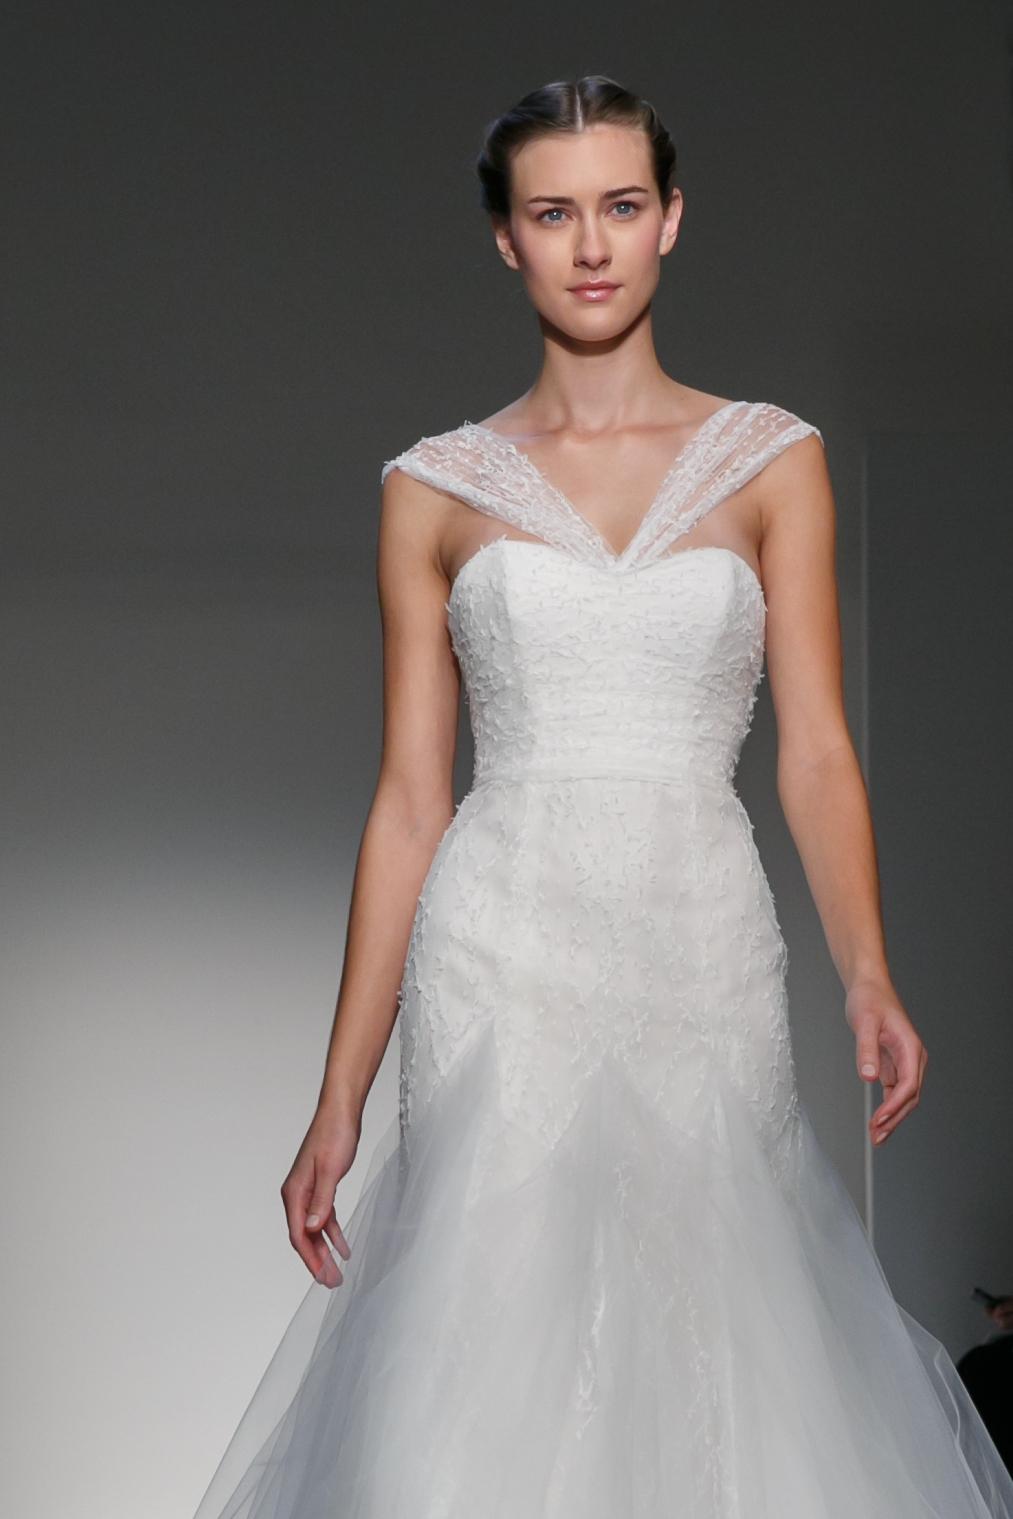 Fall-2013-wedding-dress-by-christos-amsale-bridal-7.full